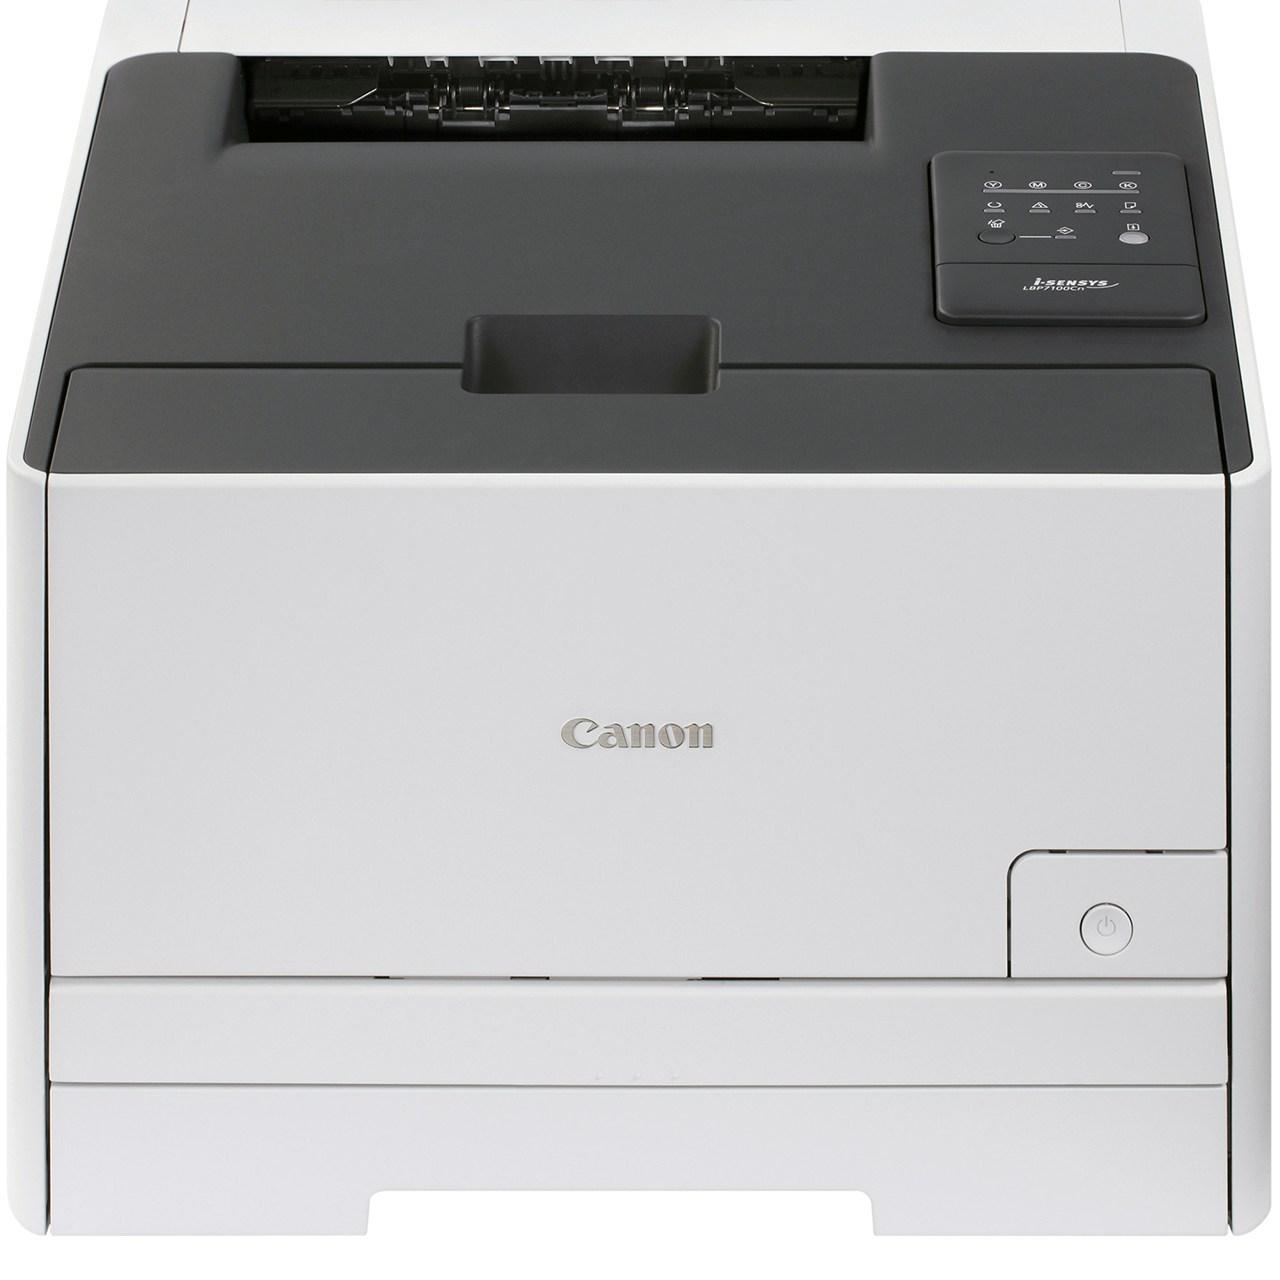 خرید پرینتر لیزری رنگی کانن مدل i-SENSYS LBP7100Cn